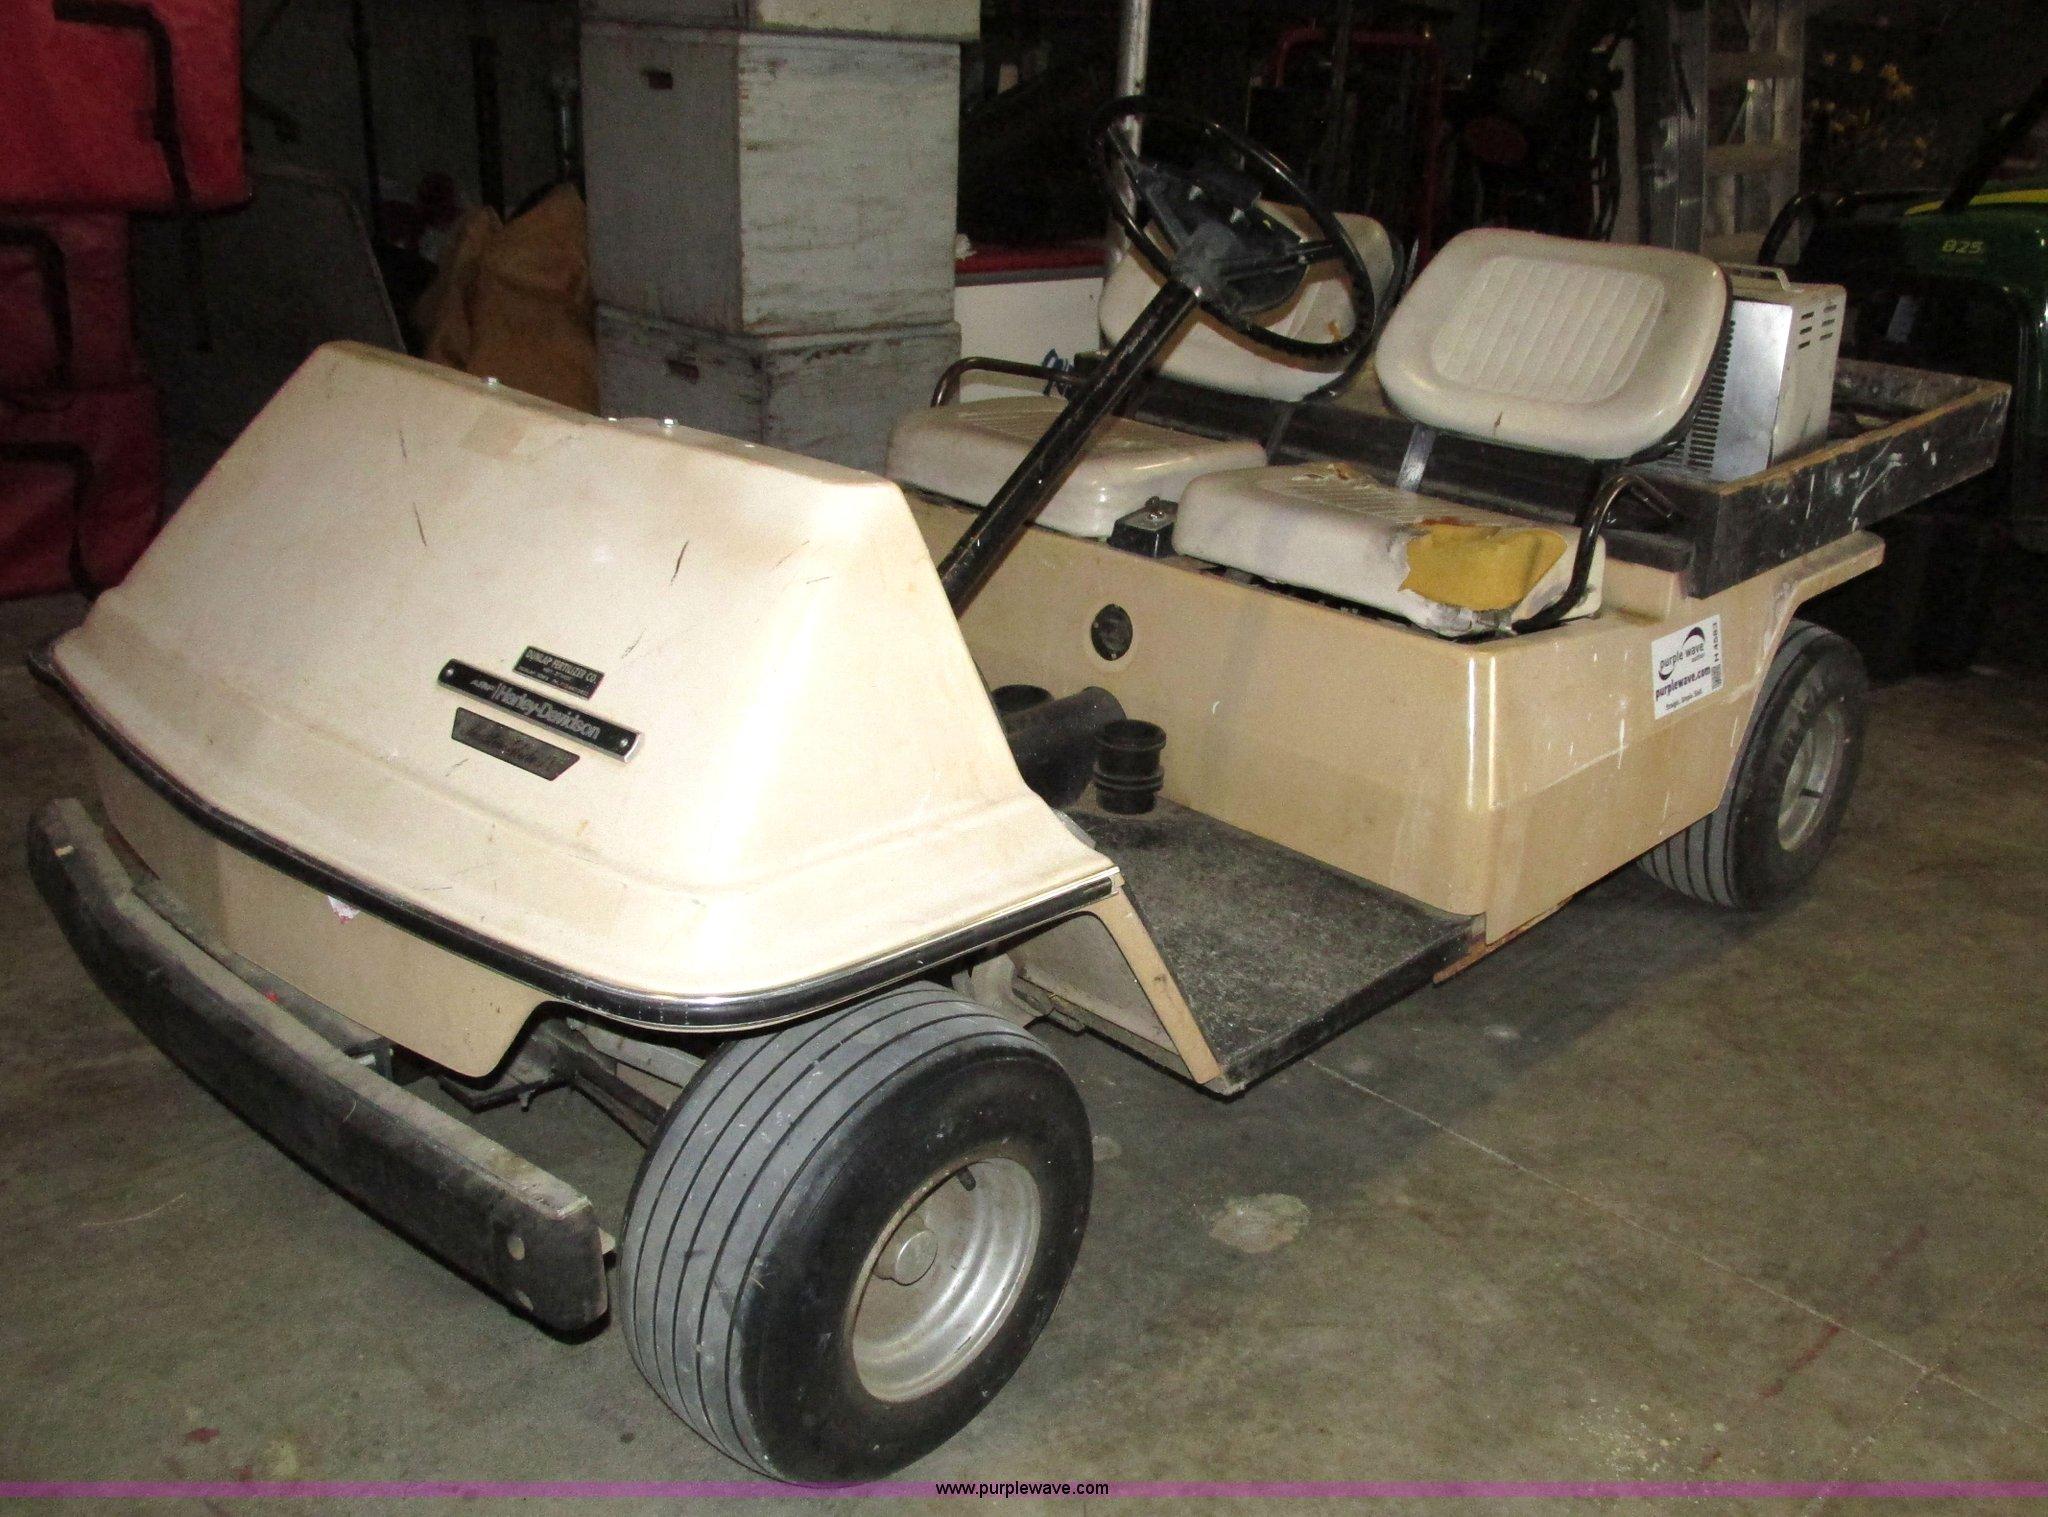 AMF Harley Davidson Master Glide IV golf cart | Item H4583 |...